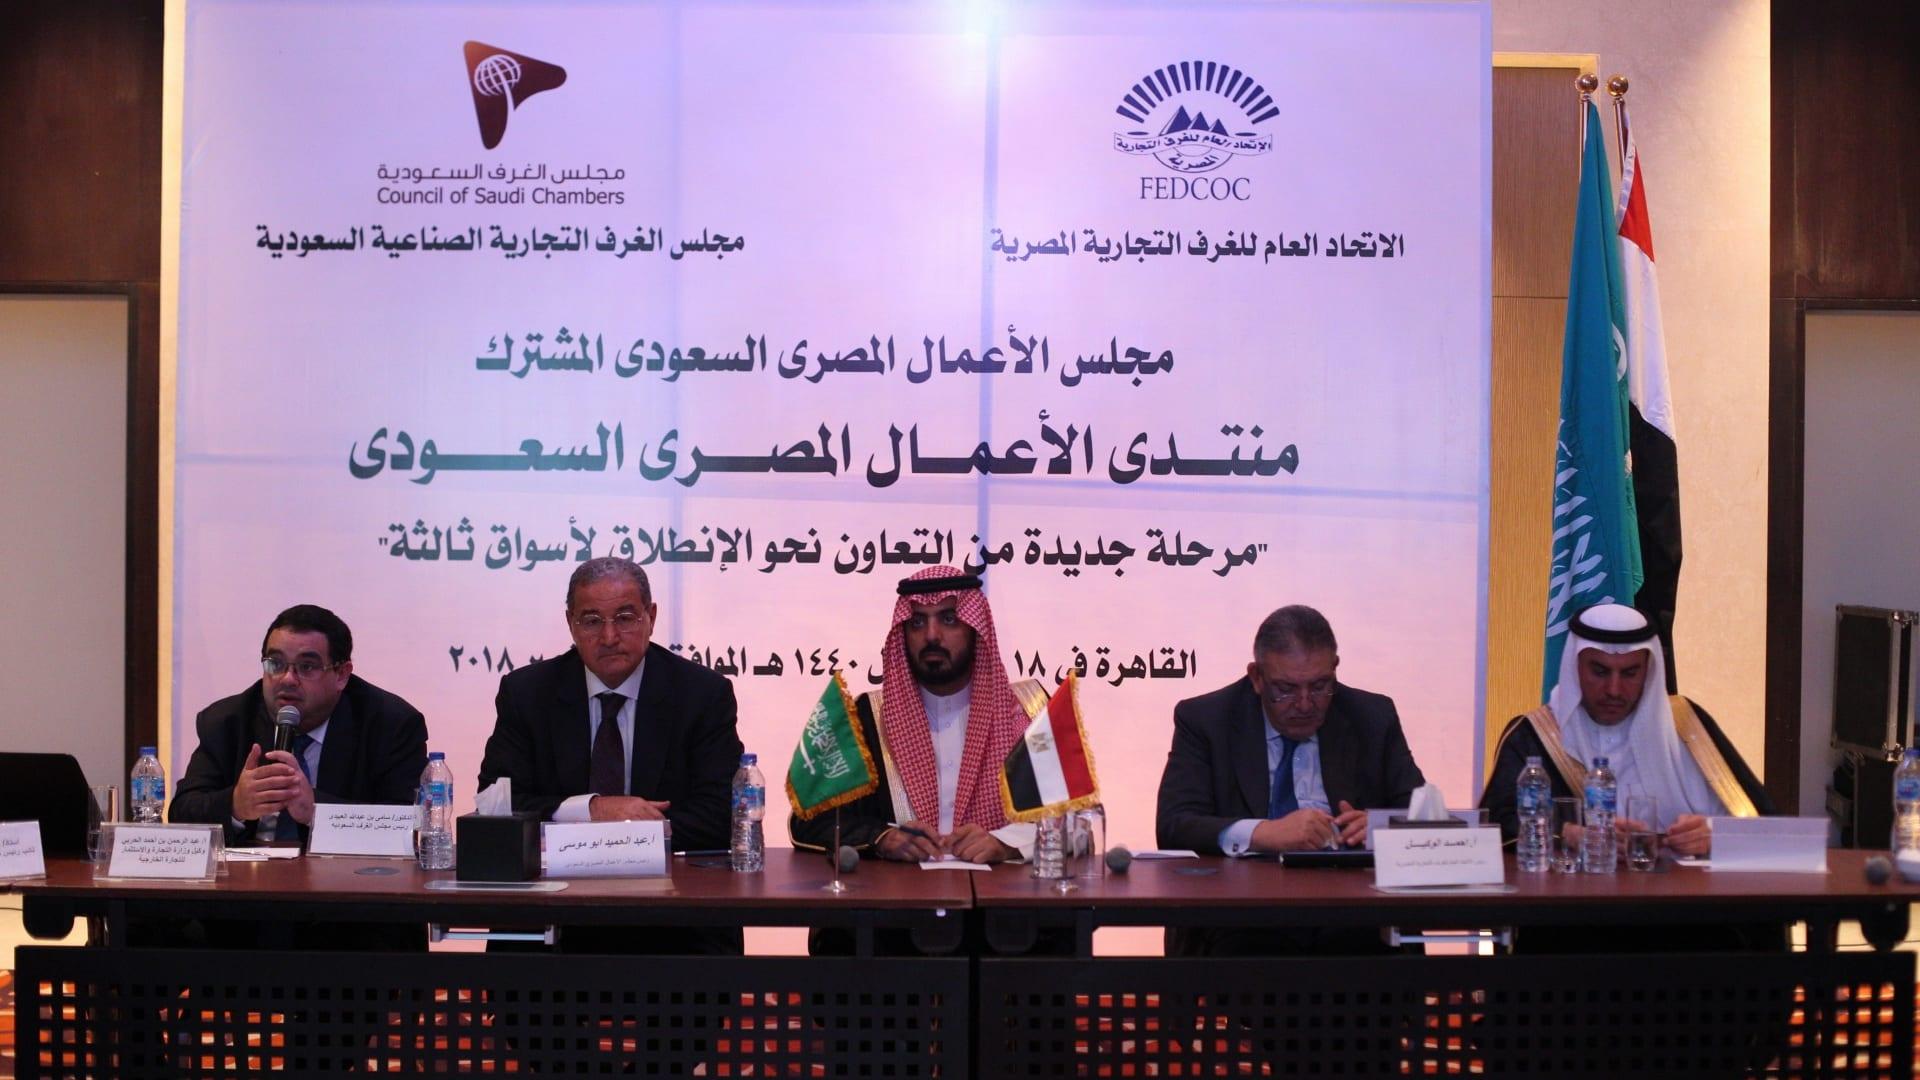 خطة لزيادة التبادل التجاري بين مصر والسعودية.. ما تفاصيلها؟